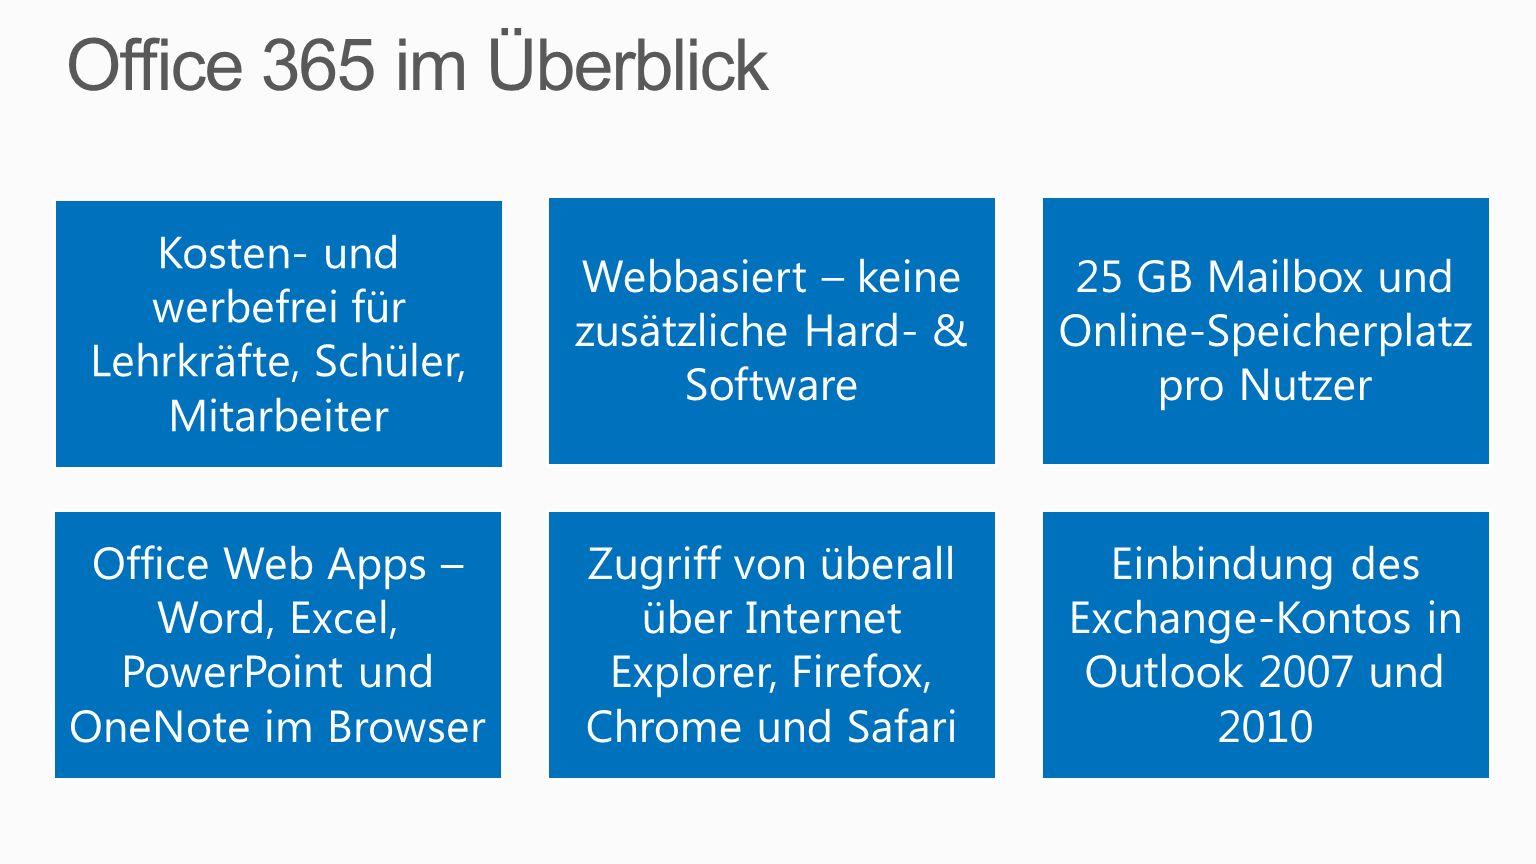 Office 365 im ÜberblickKosten- und werbefrei für Lehrkräfte, Schüler, Mitarbeiter. Webbasiert – keine zusätzliche Hard- & Software.